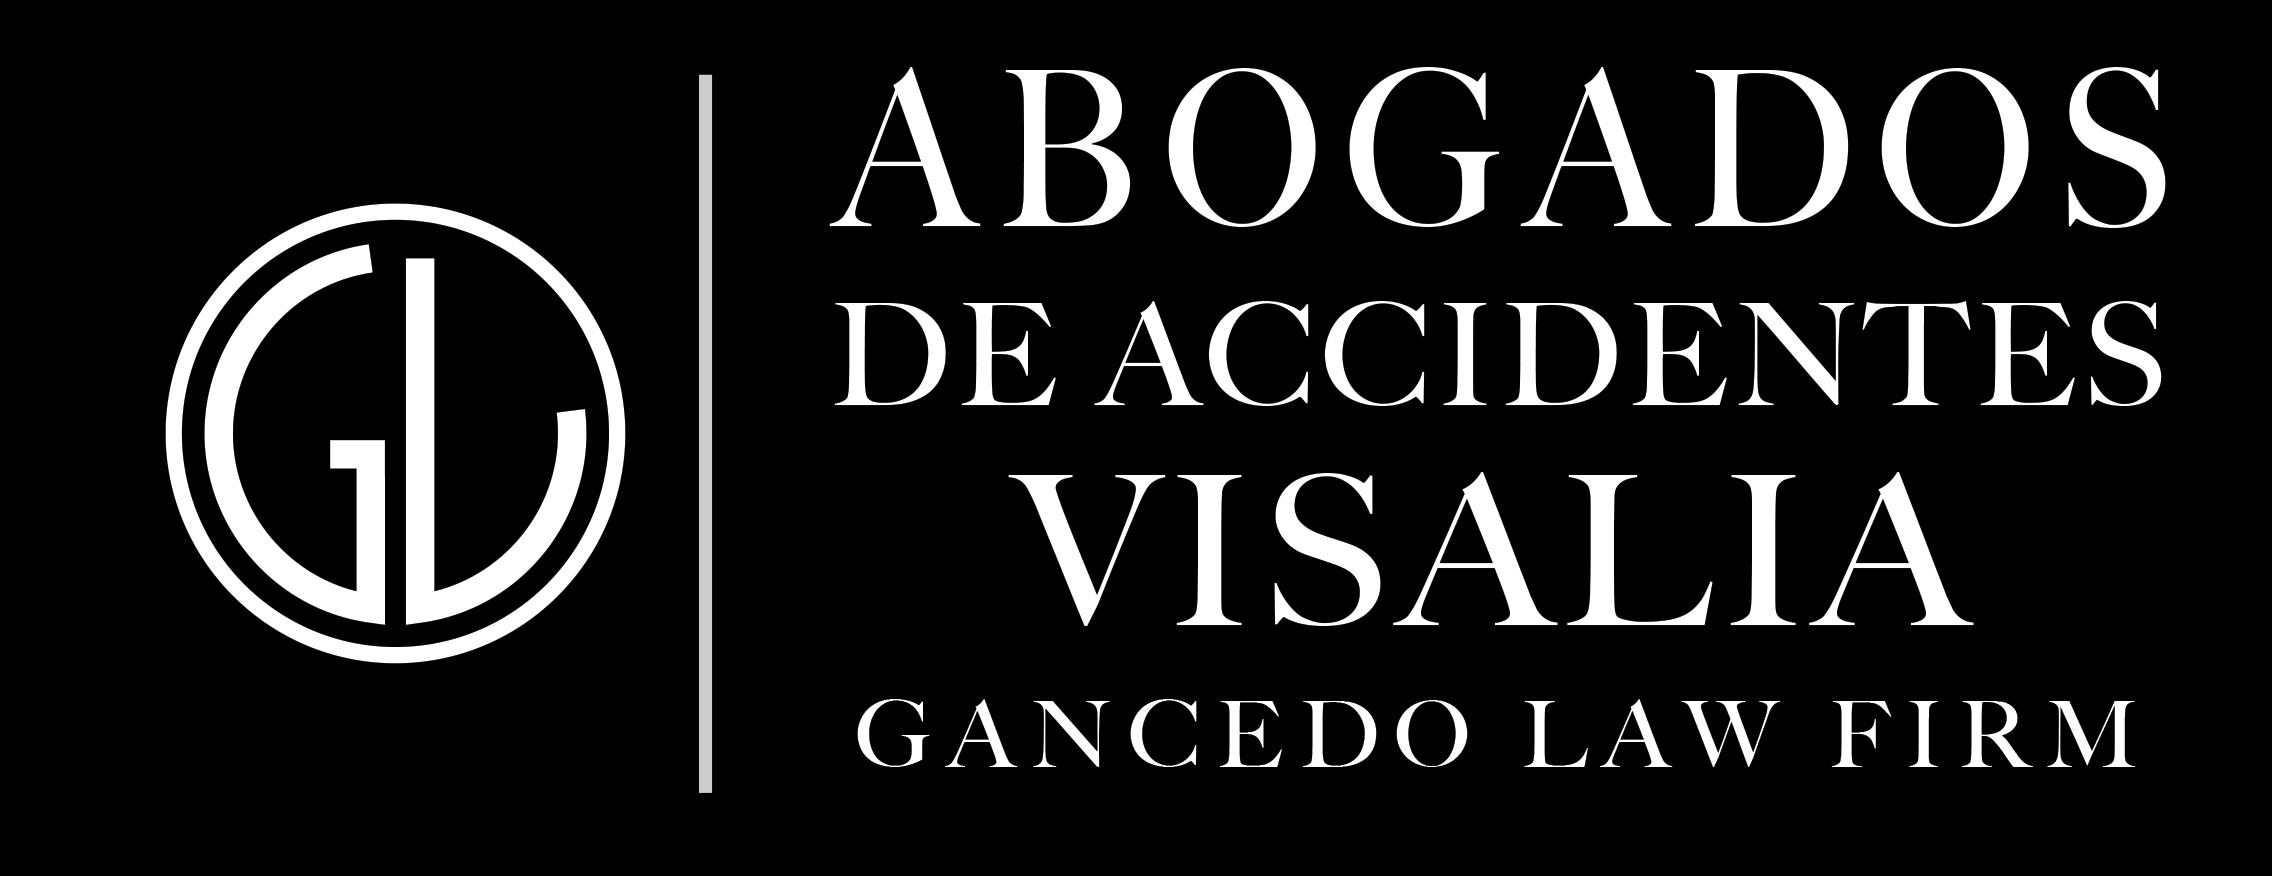 Abogados Accidentes de Auto Visalia - Oficina Legal Gancedo